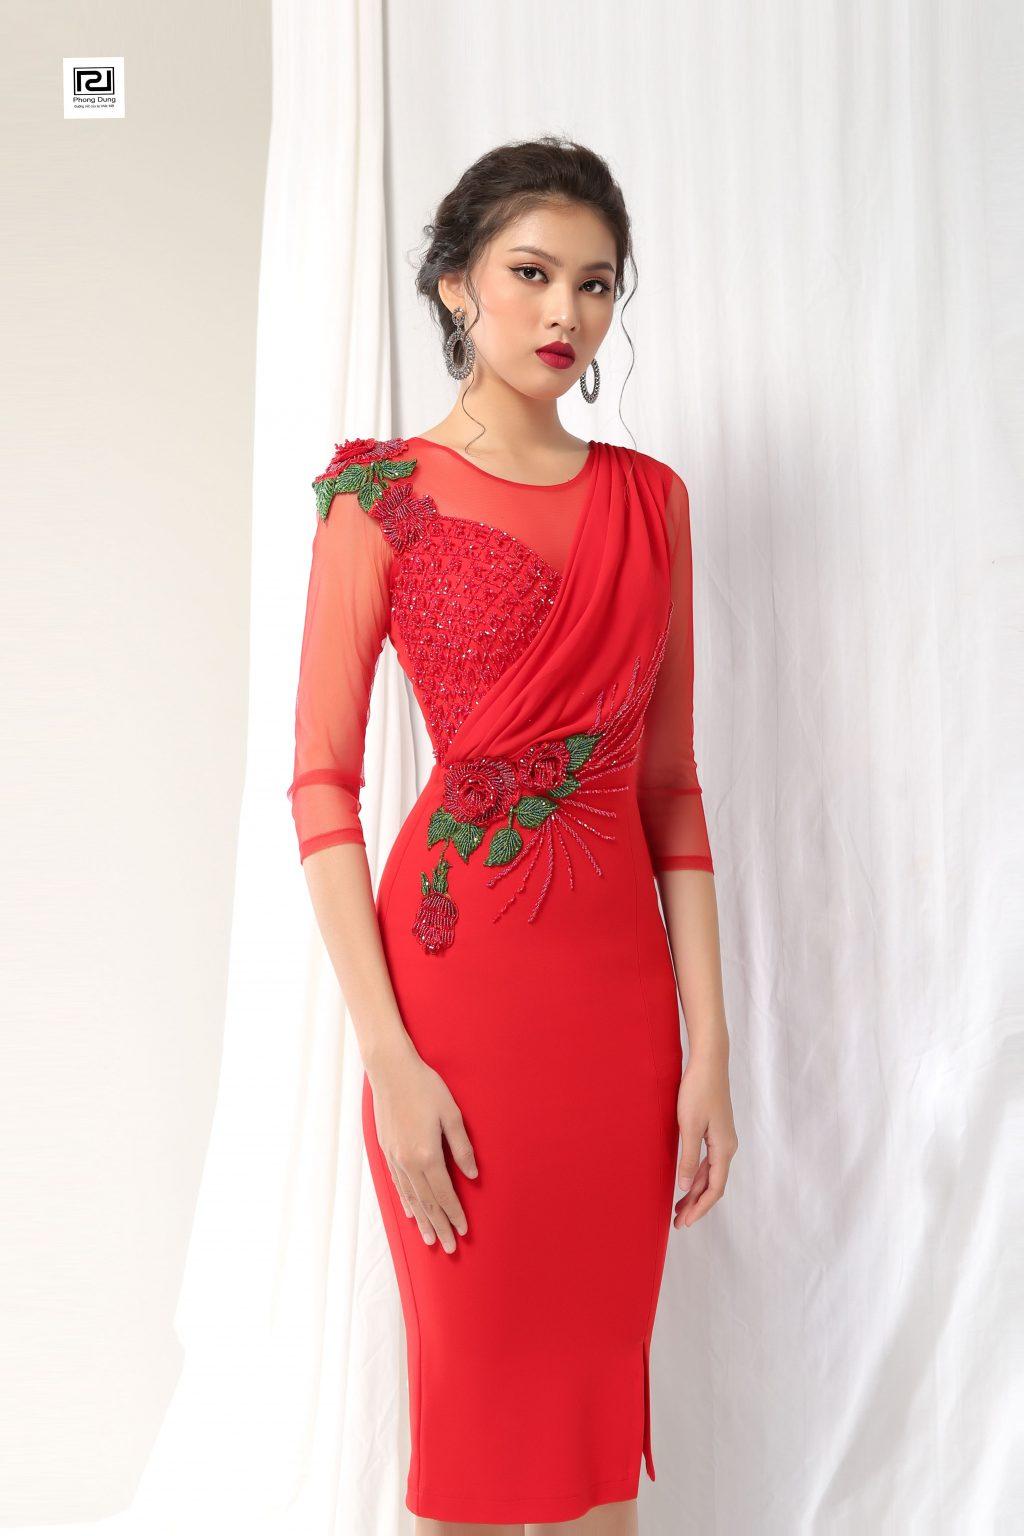 Người mẫu mặc váy đỏ dài